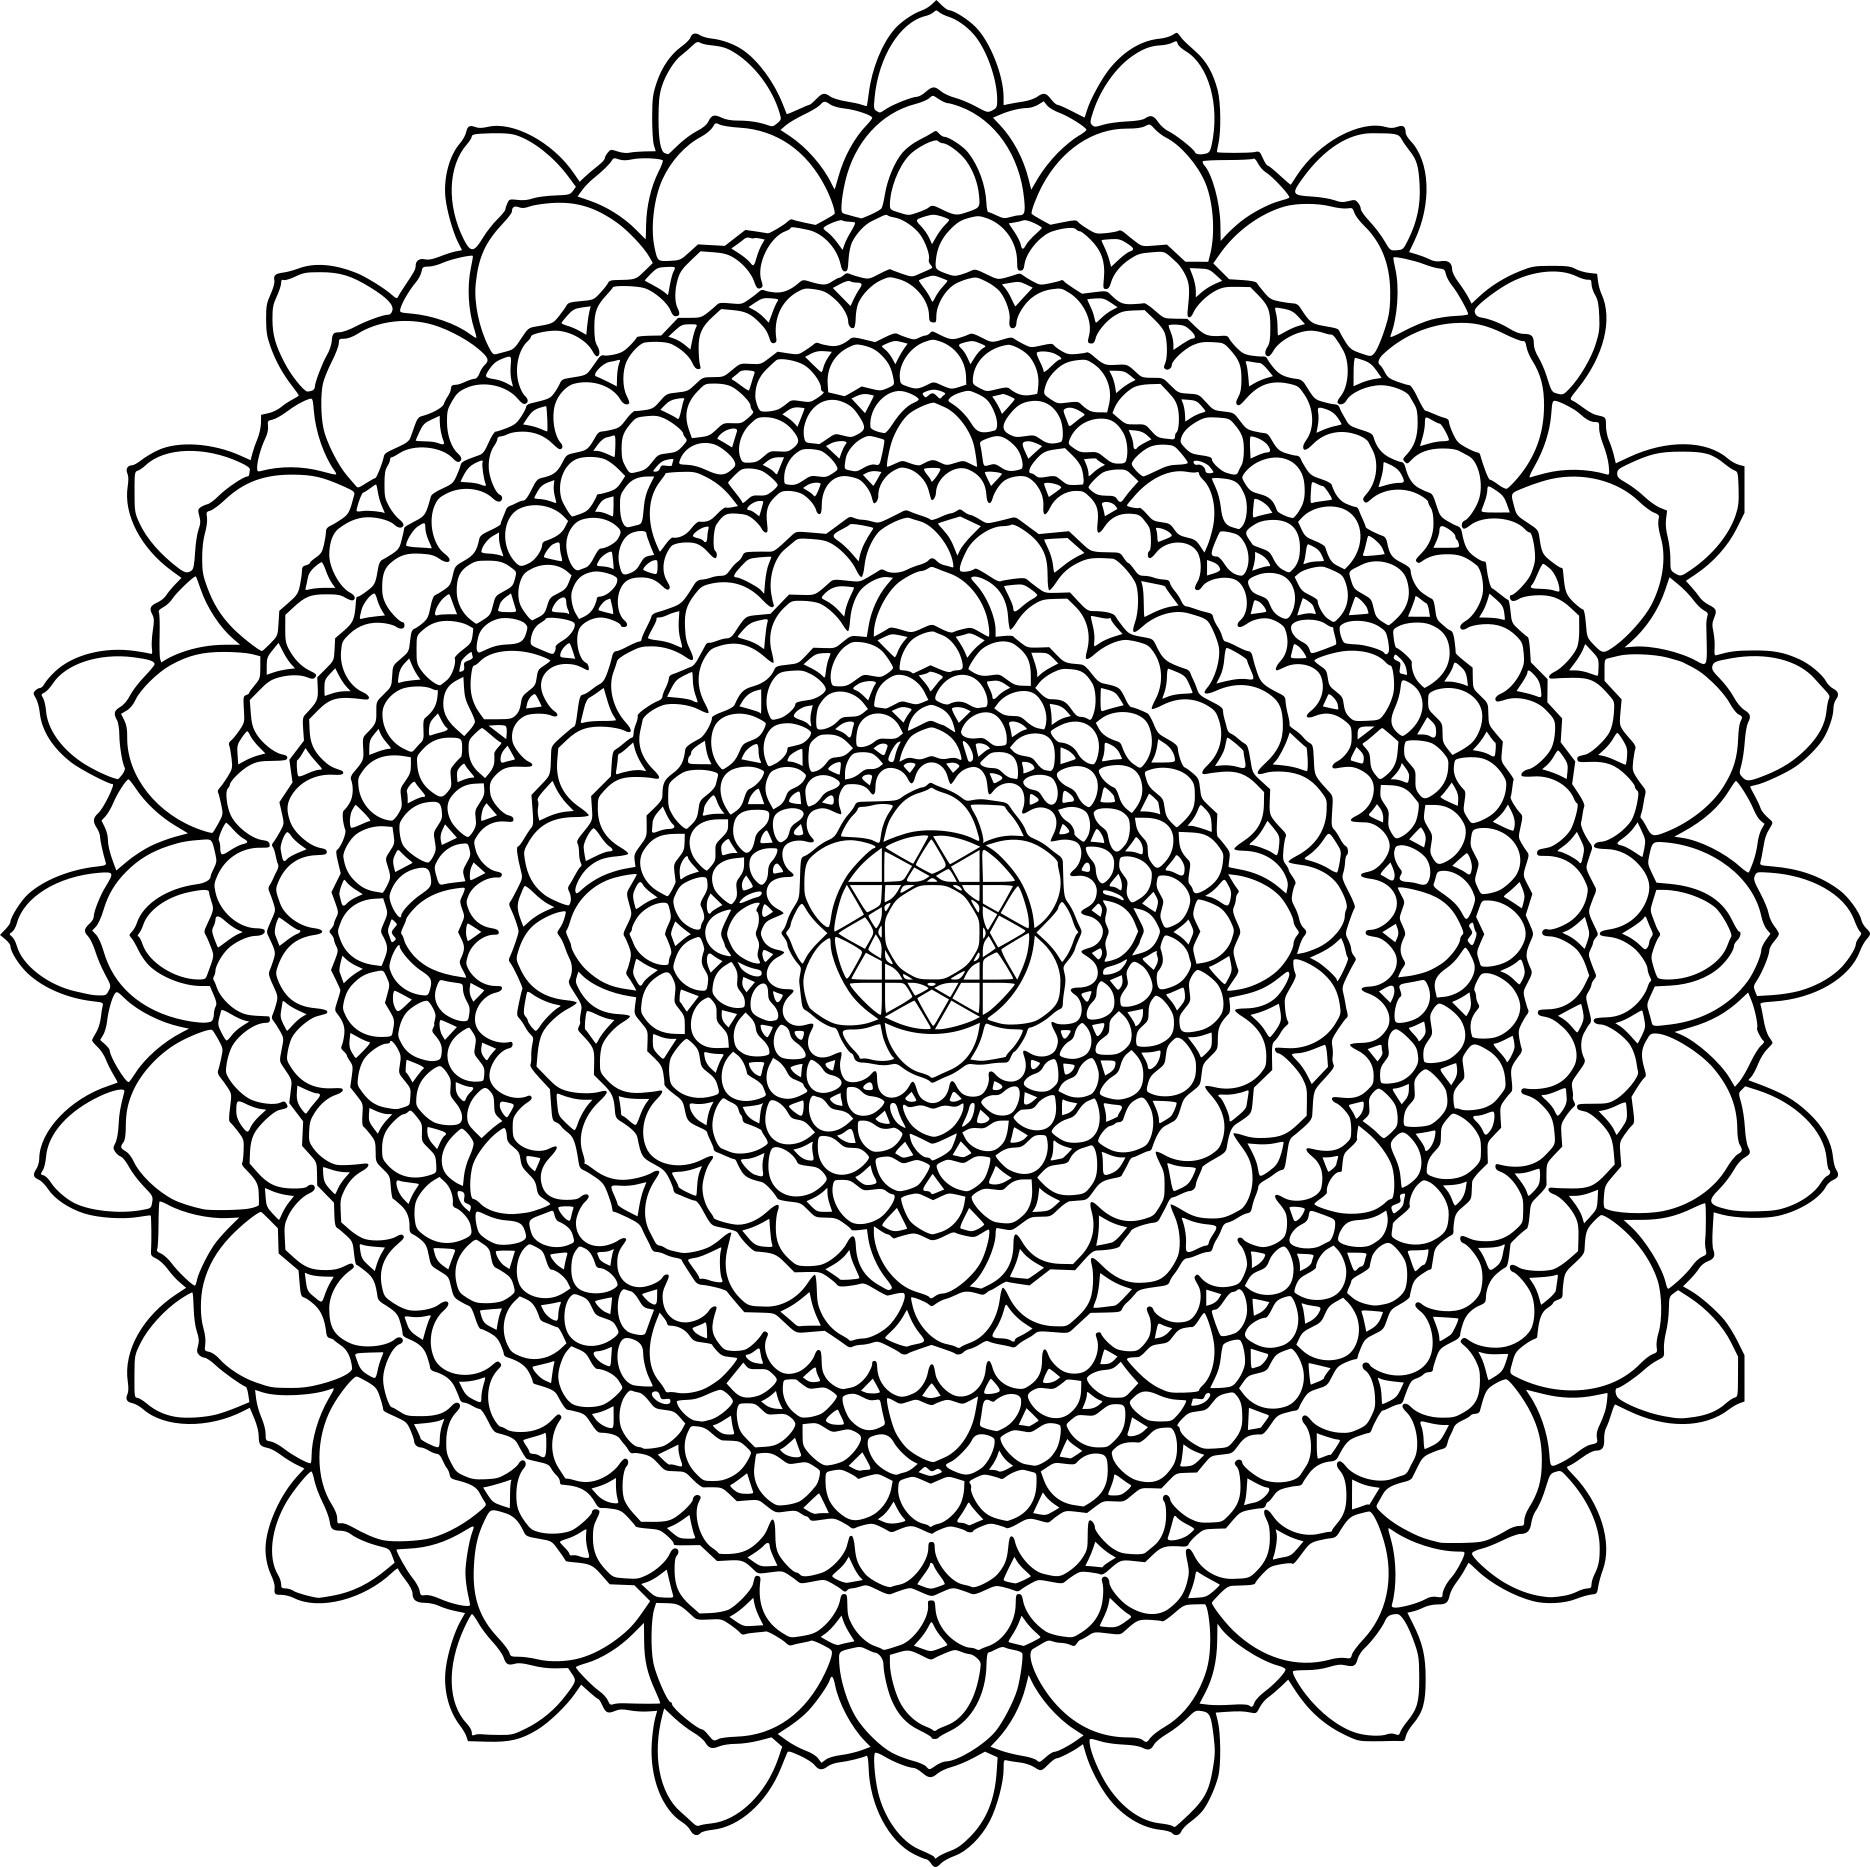 Coloriage Mandala Difficile Dessin À Imprimer Sur Coloriages pour Coloriage De Mandala Difficile A Imprimer